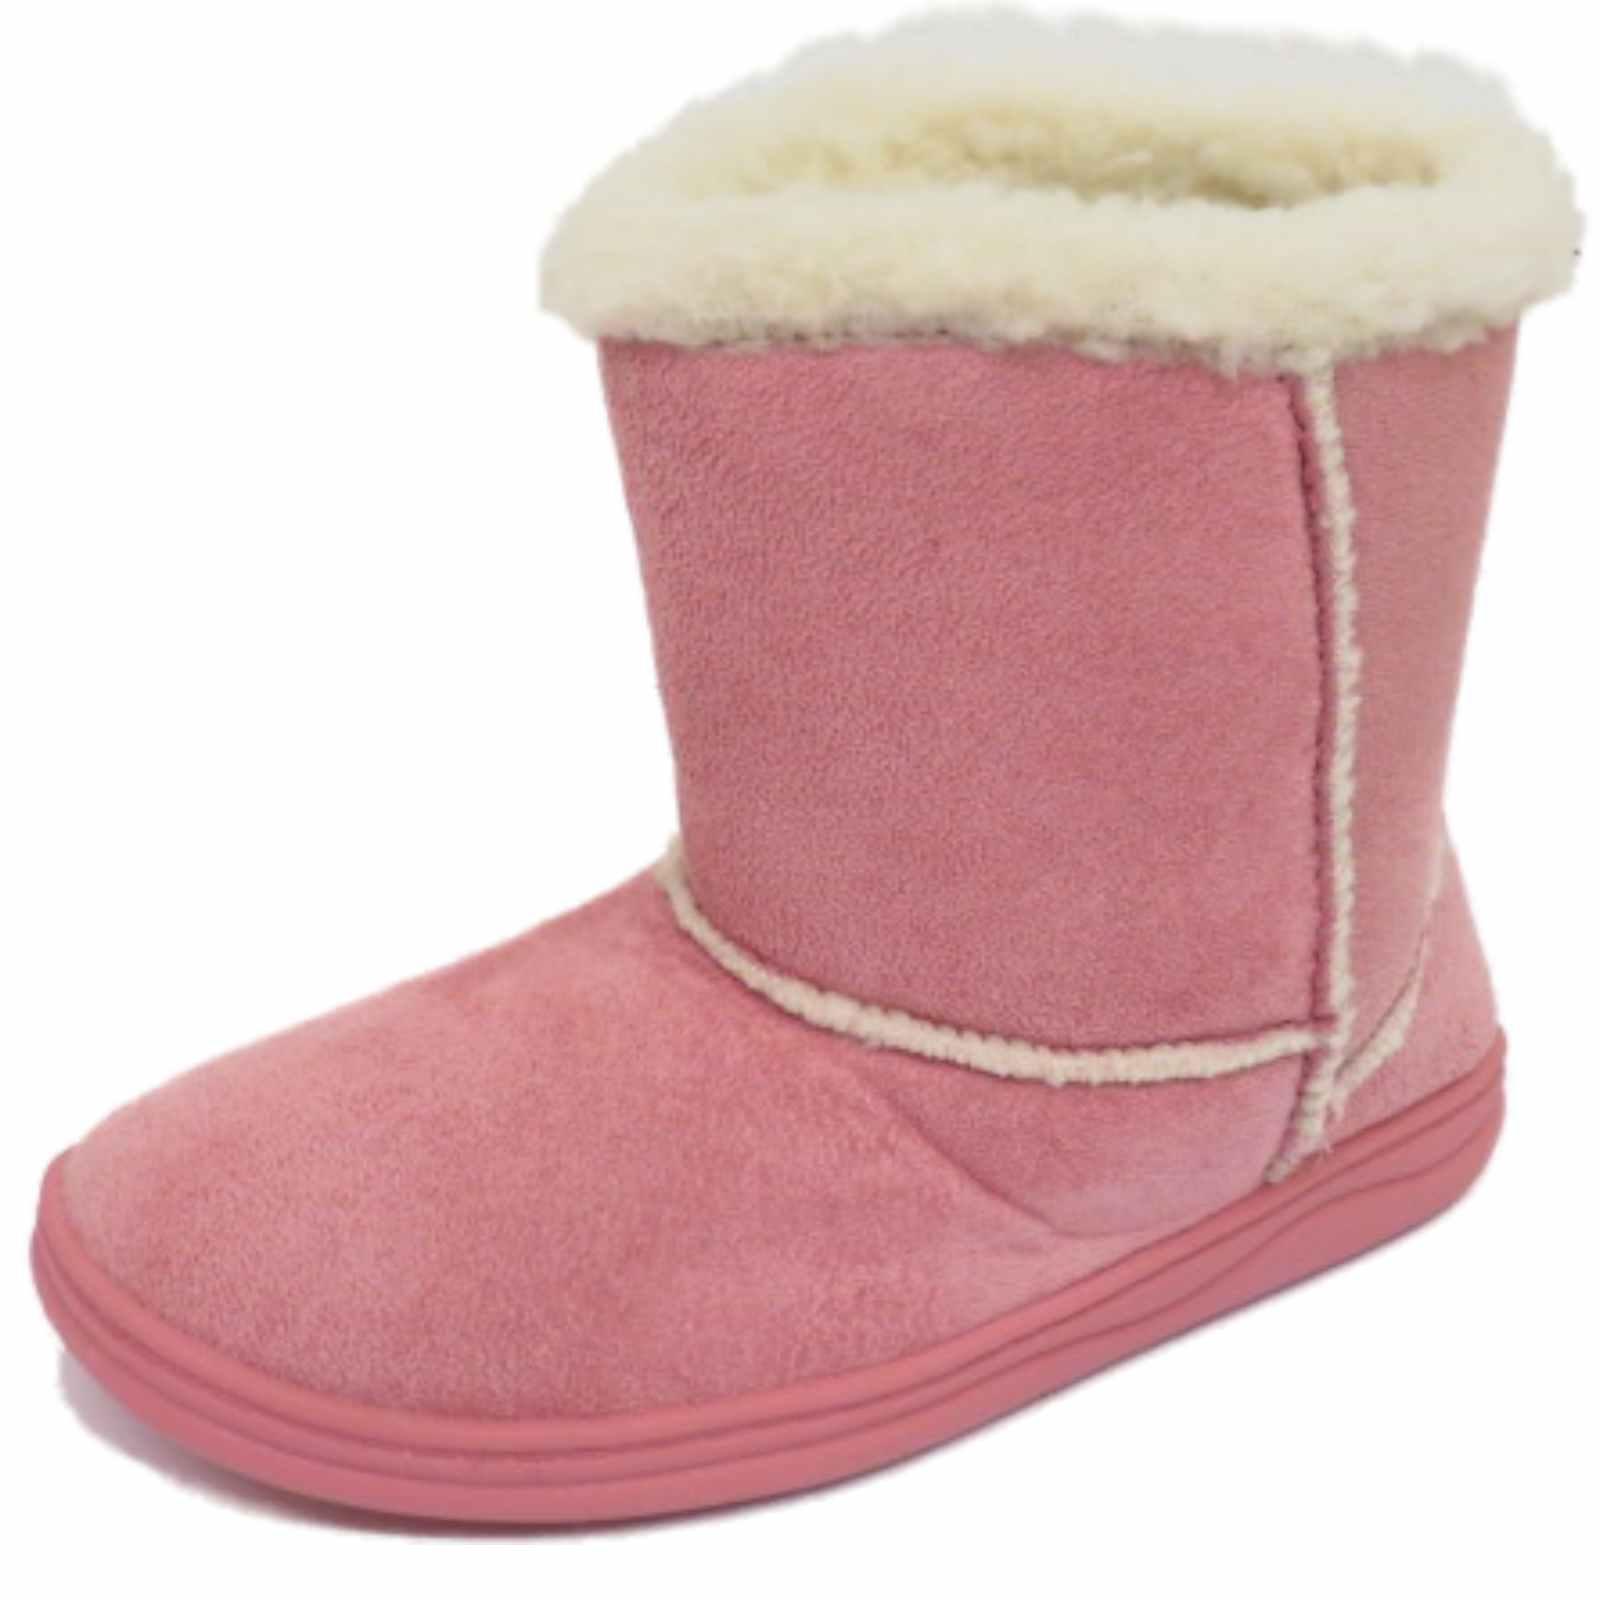 Niñas Niños Invierno Cálido Snugg niños Plana Botas Zapatos de suela dura piel forrada 11-2